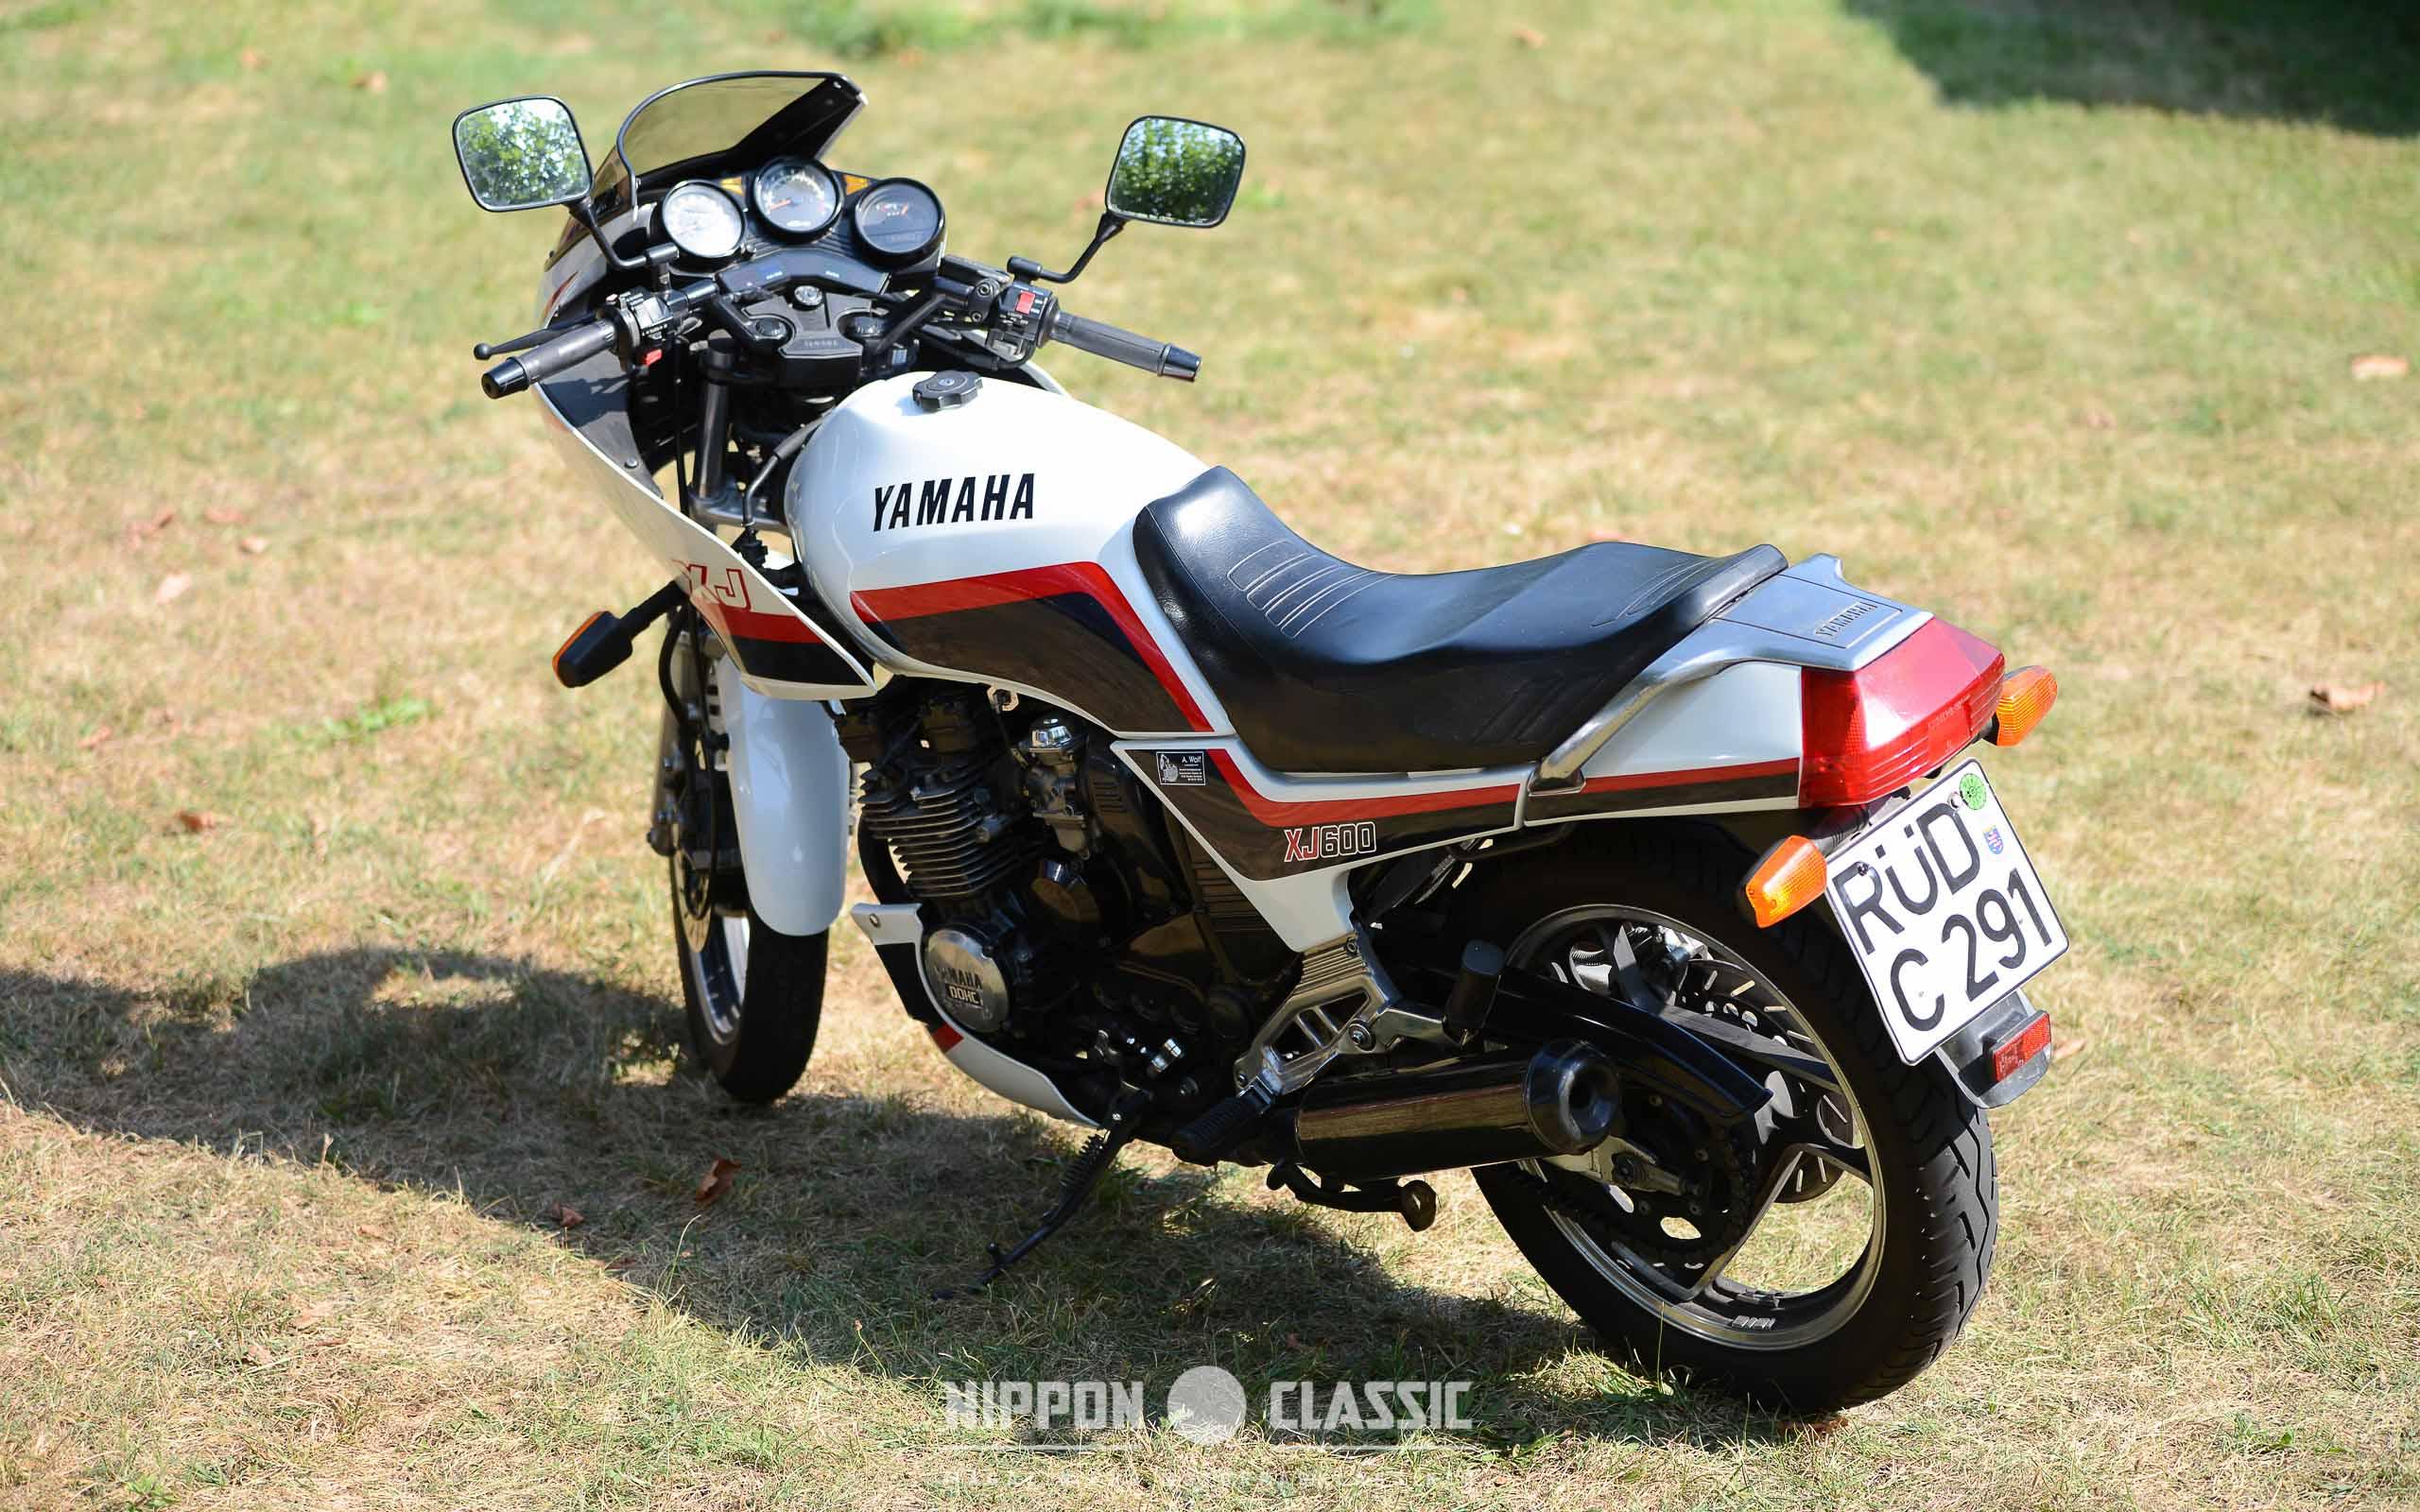 Yamaha XJ 600 (51J)